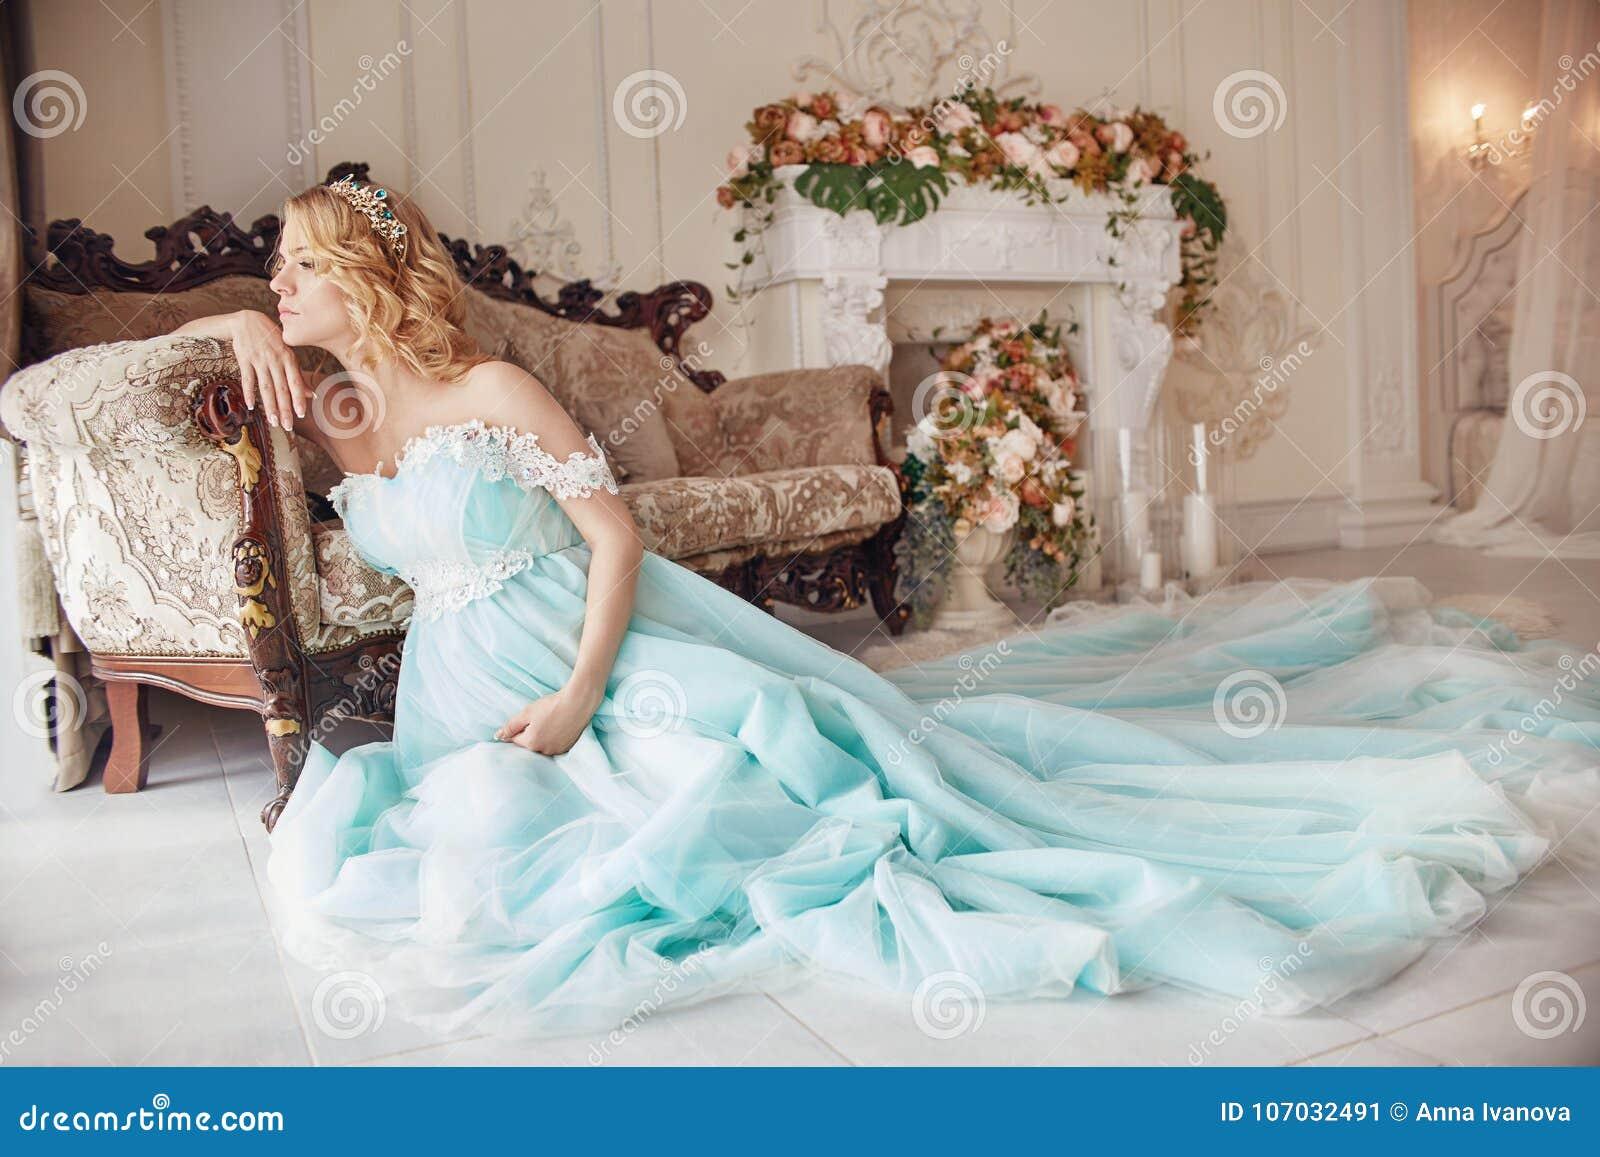 Luxury Fashion Pregnant Blond Woman In A Wedding Dress. Wedding ...